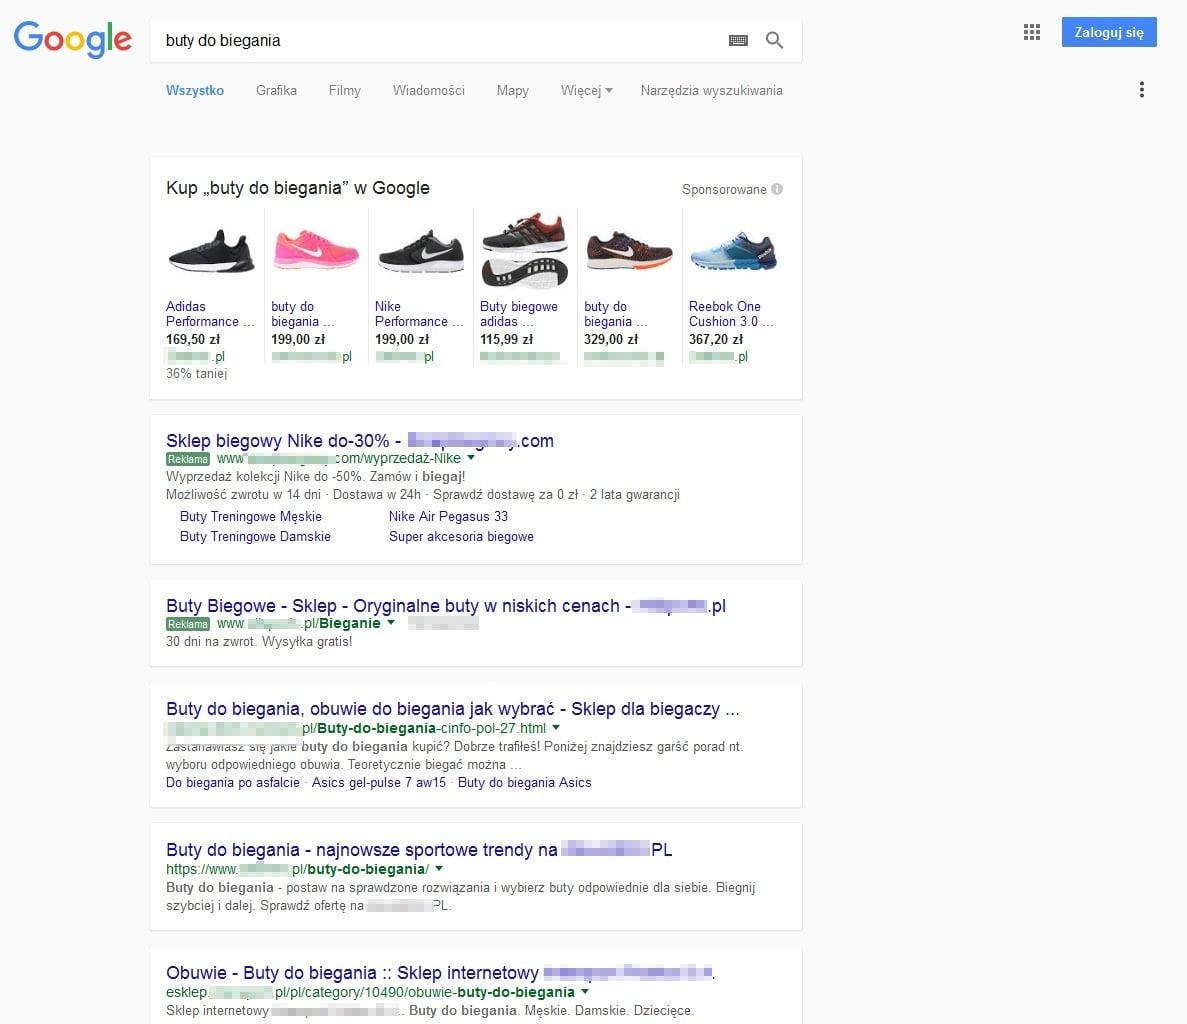 Nowy wygląd wyników wyszukiwania 2016